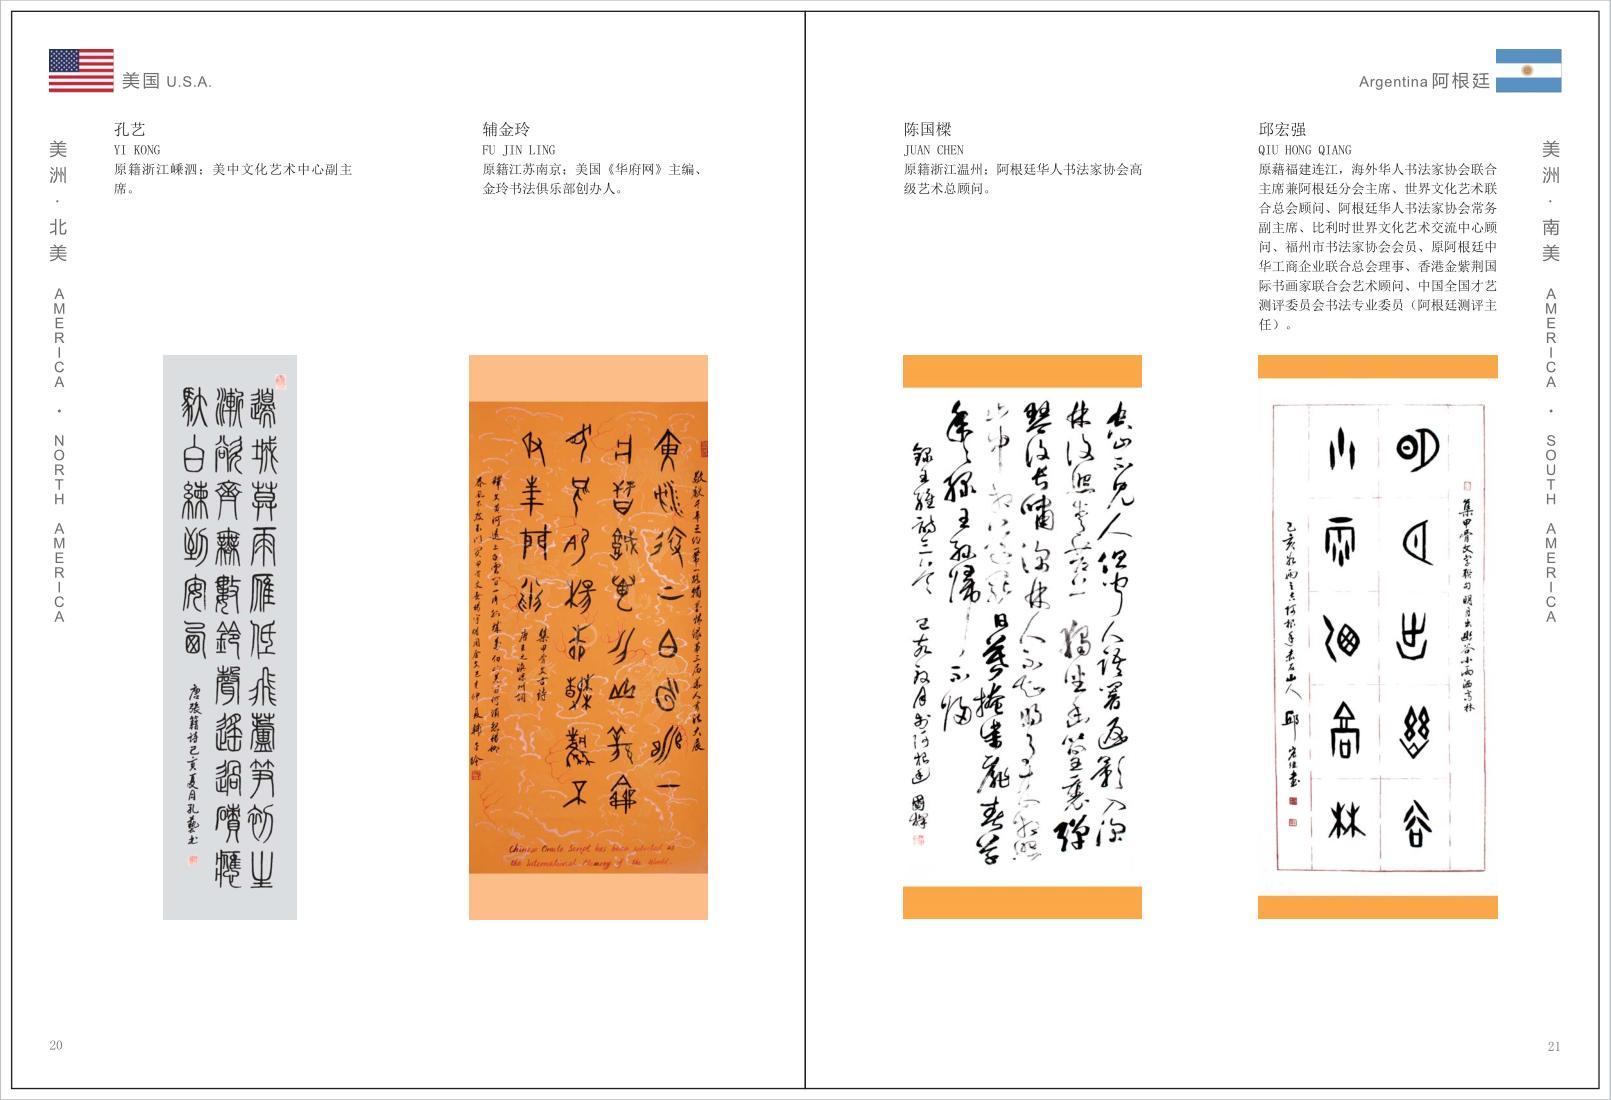 191页2_12.png